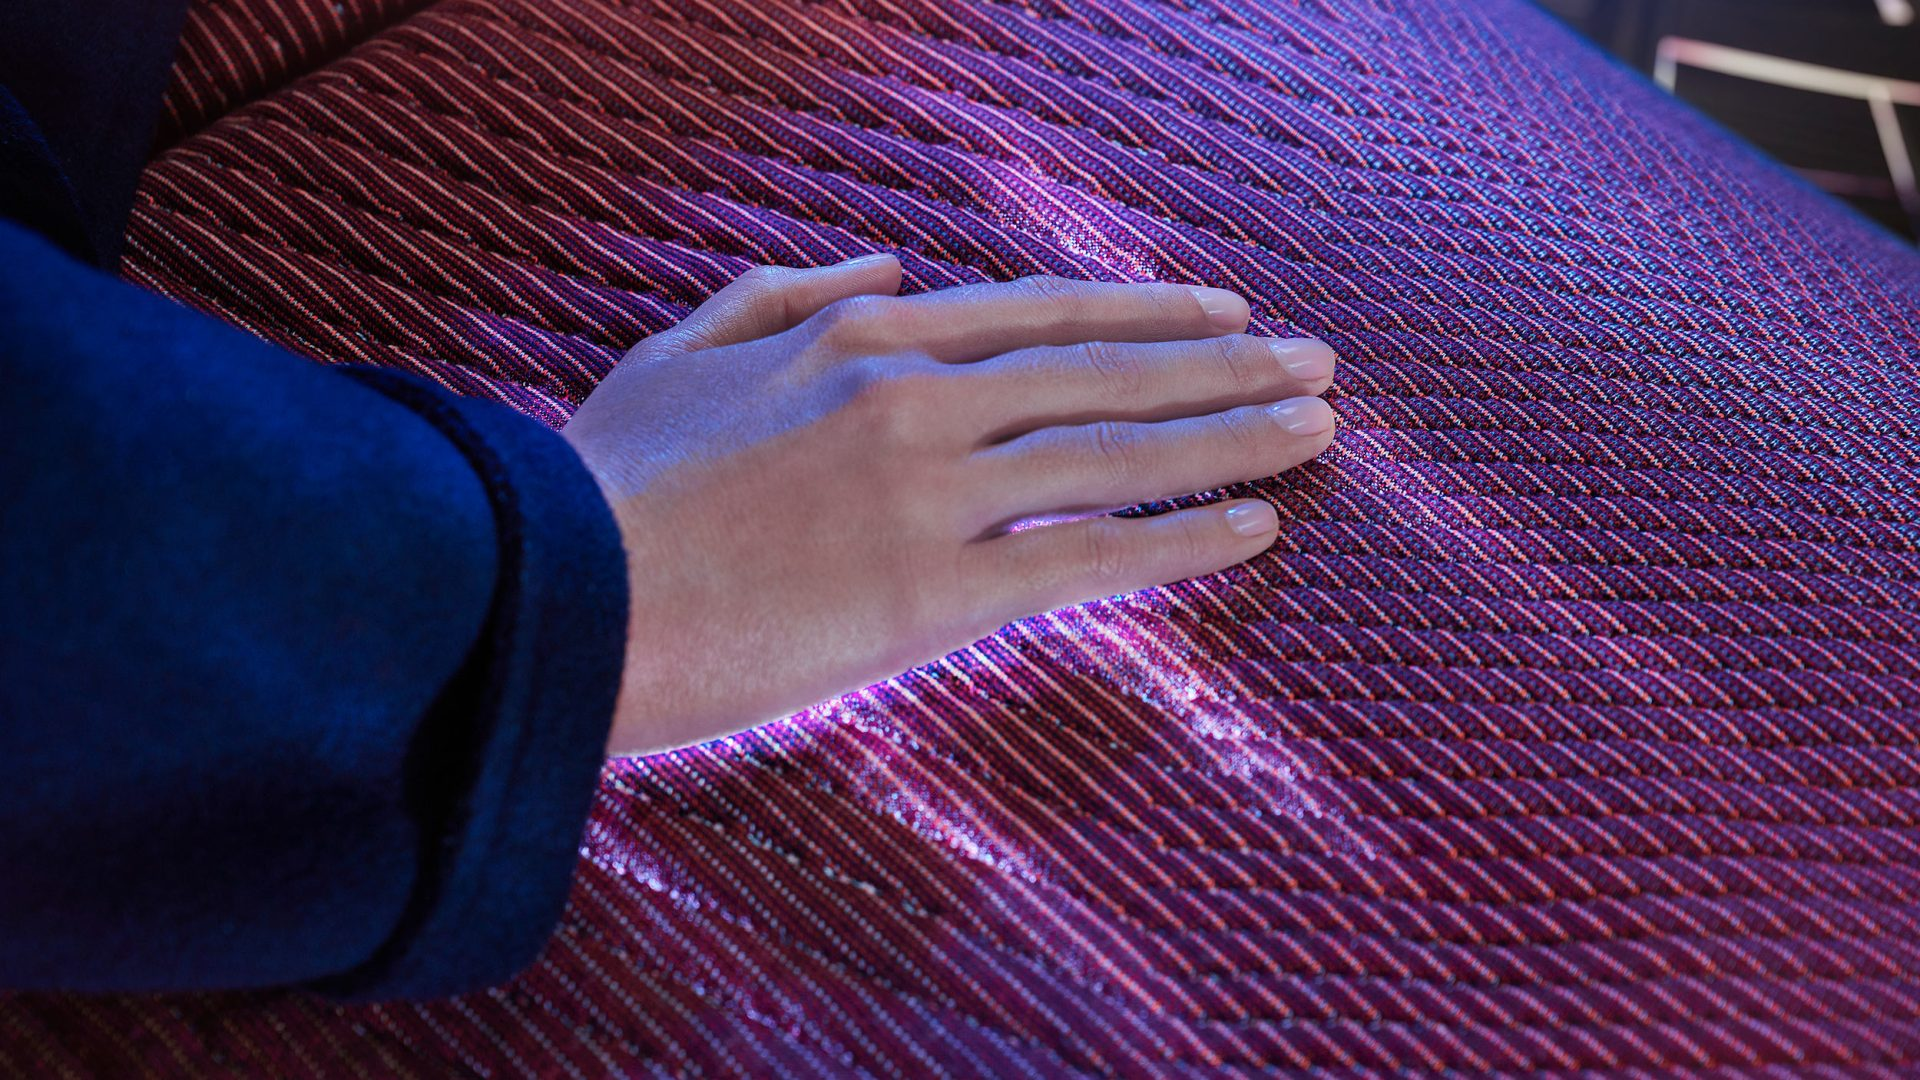 Interactive sufrace illuminating beneath hand.